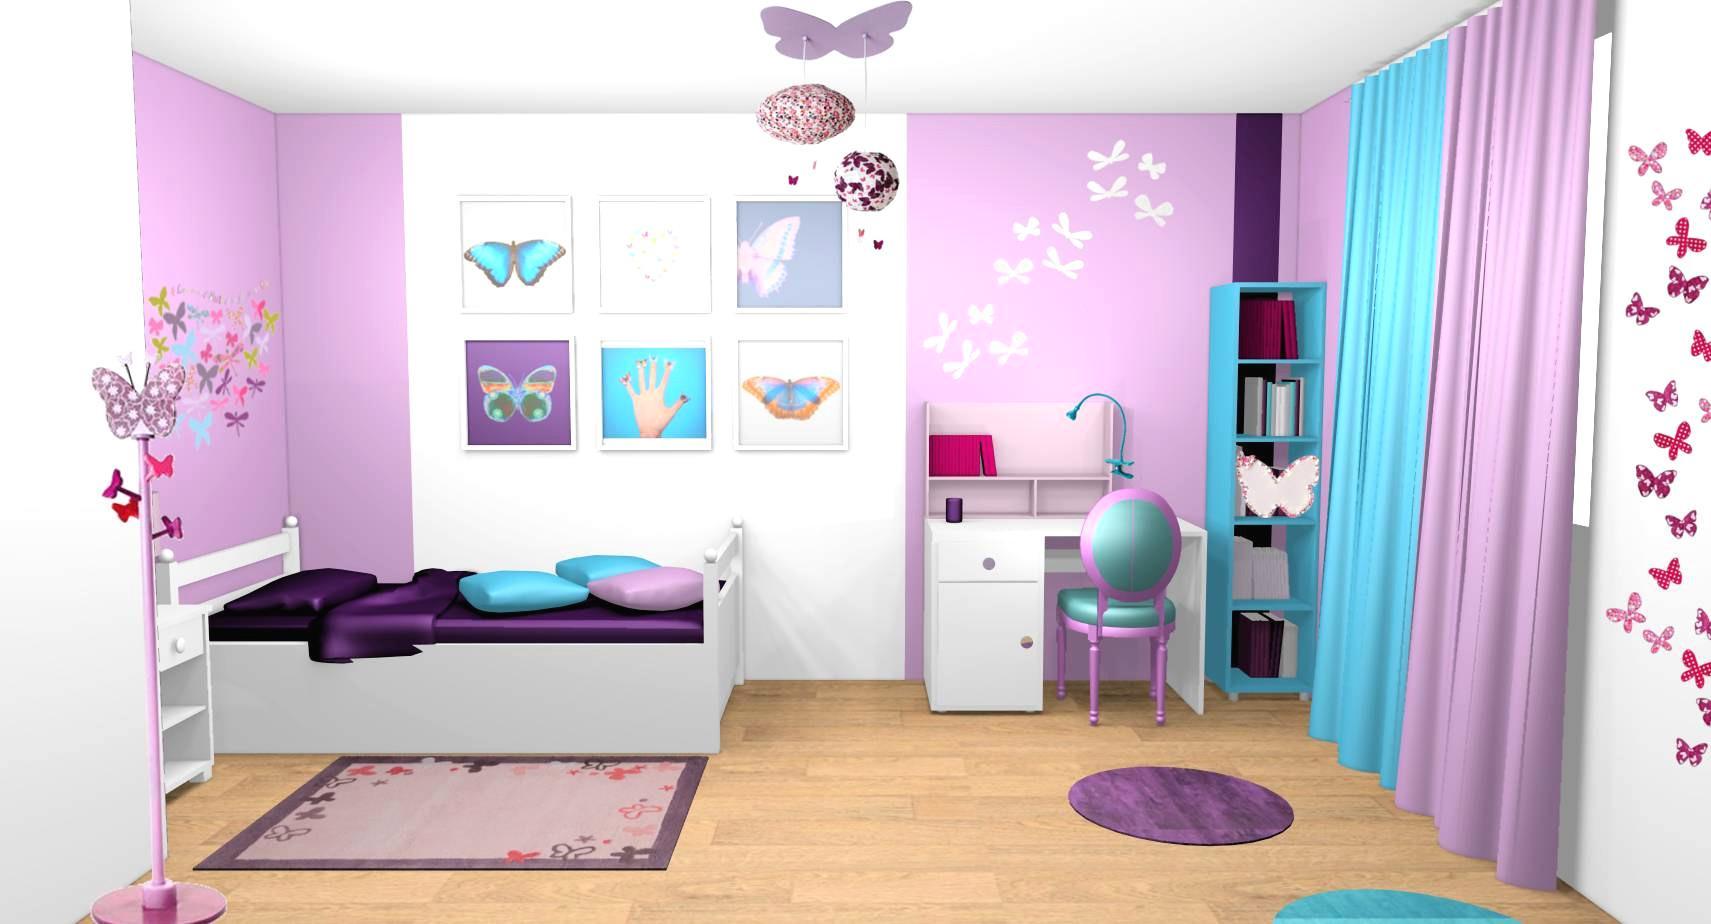 Deco Chambre Fille 8 Ans - Idee Deco Chambre